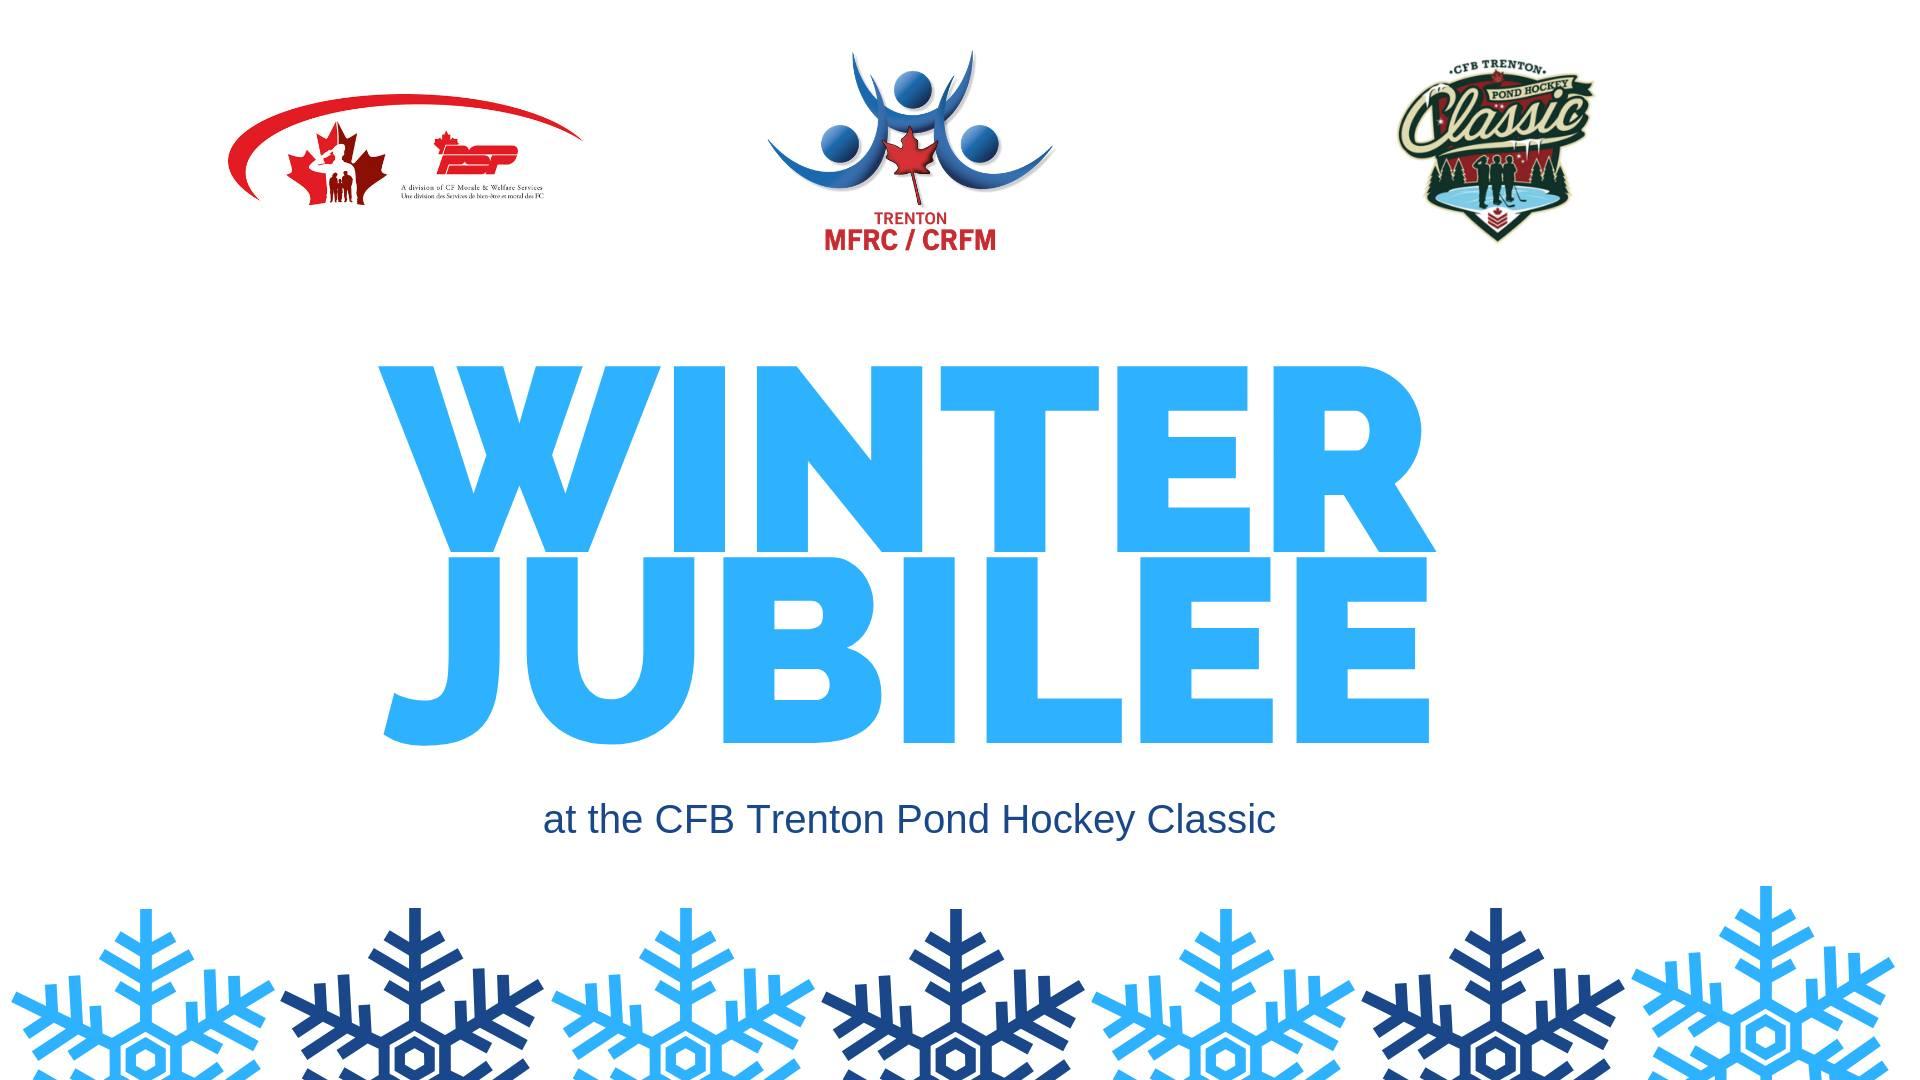 Trenton MFRC Winter Jubilee